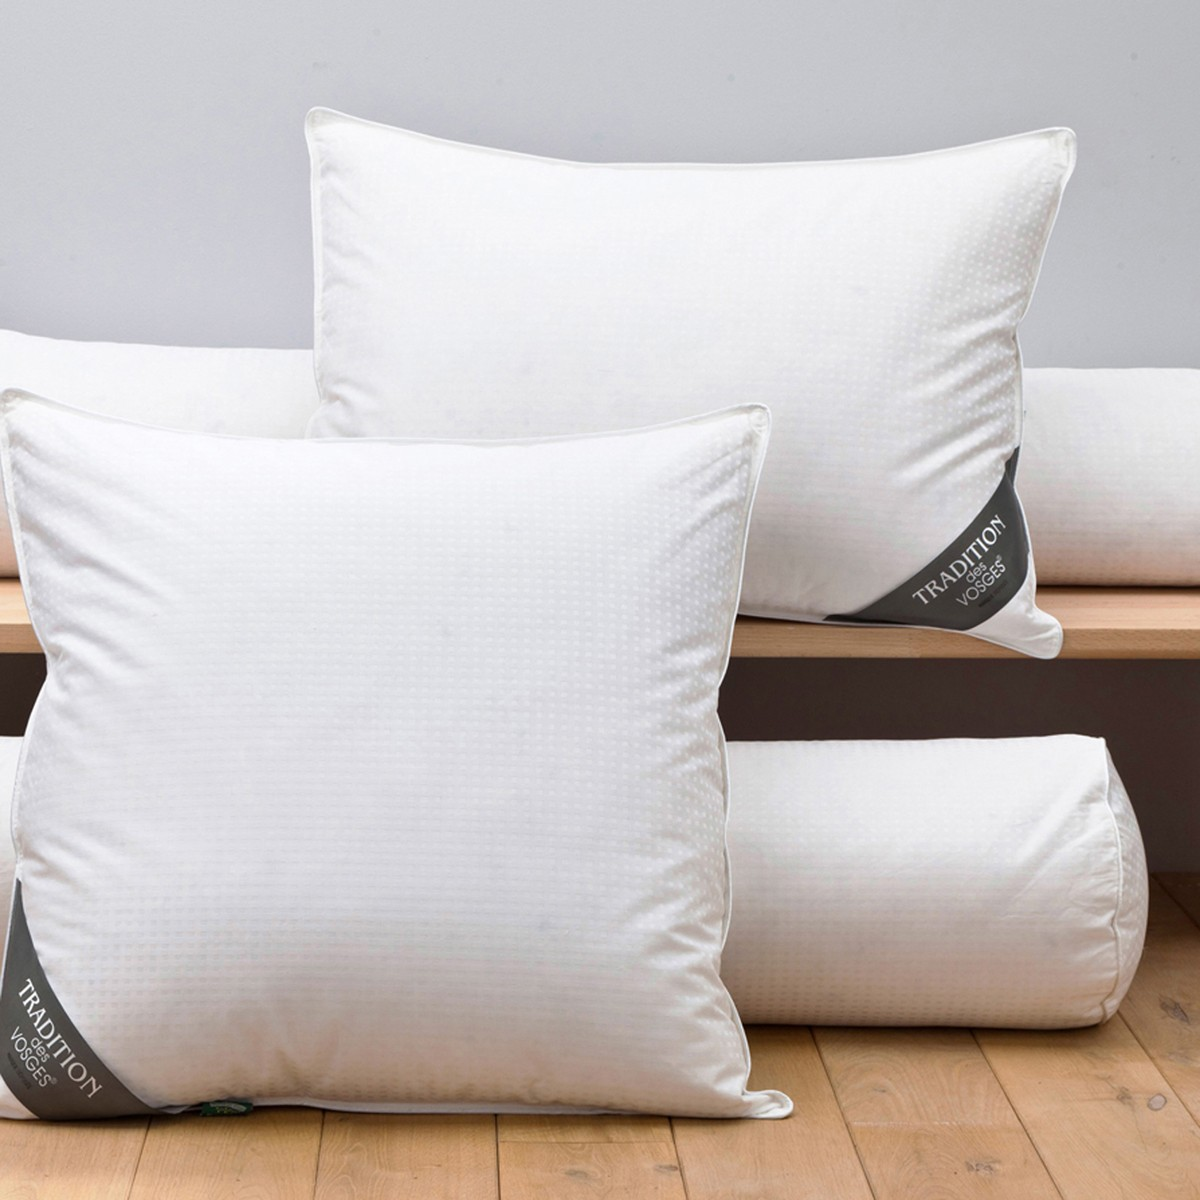 Pillow 90% goose down 10% feathers | Linge de lit | Tradition des Vosges